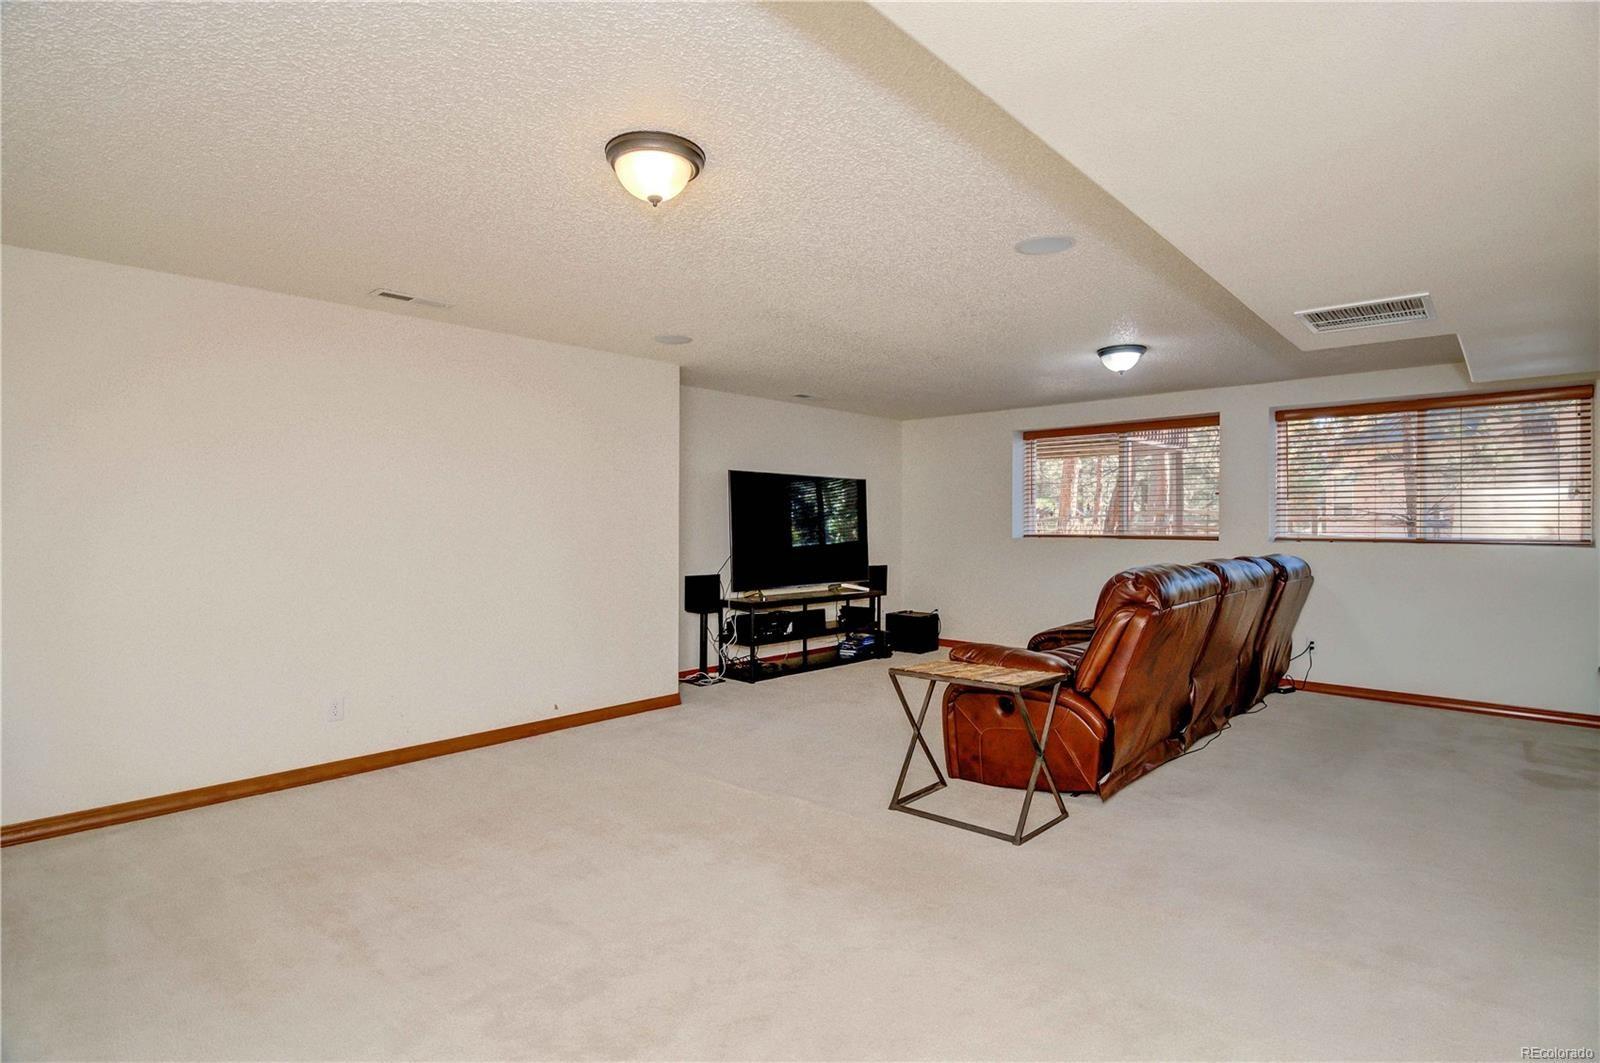 MLS# 5456451 - 24 - 15971 Woodmeadow Court, Colorado Springs, CO 80921